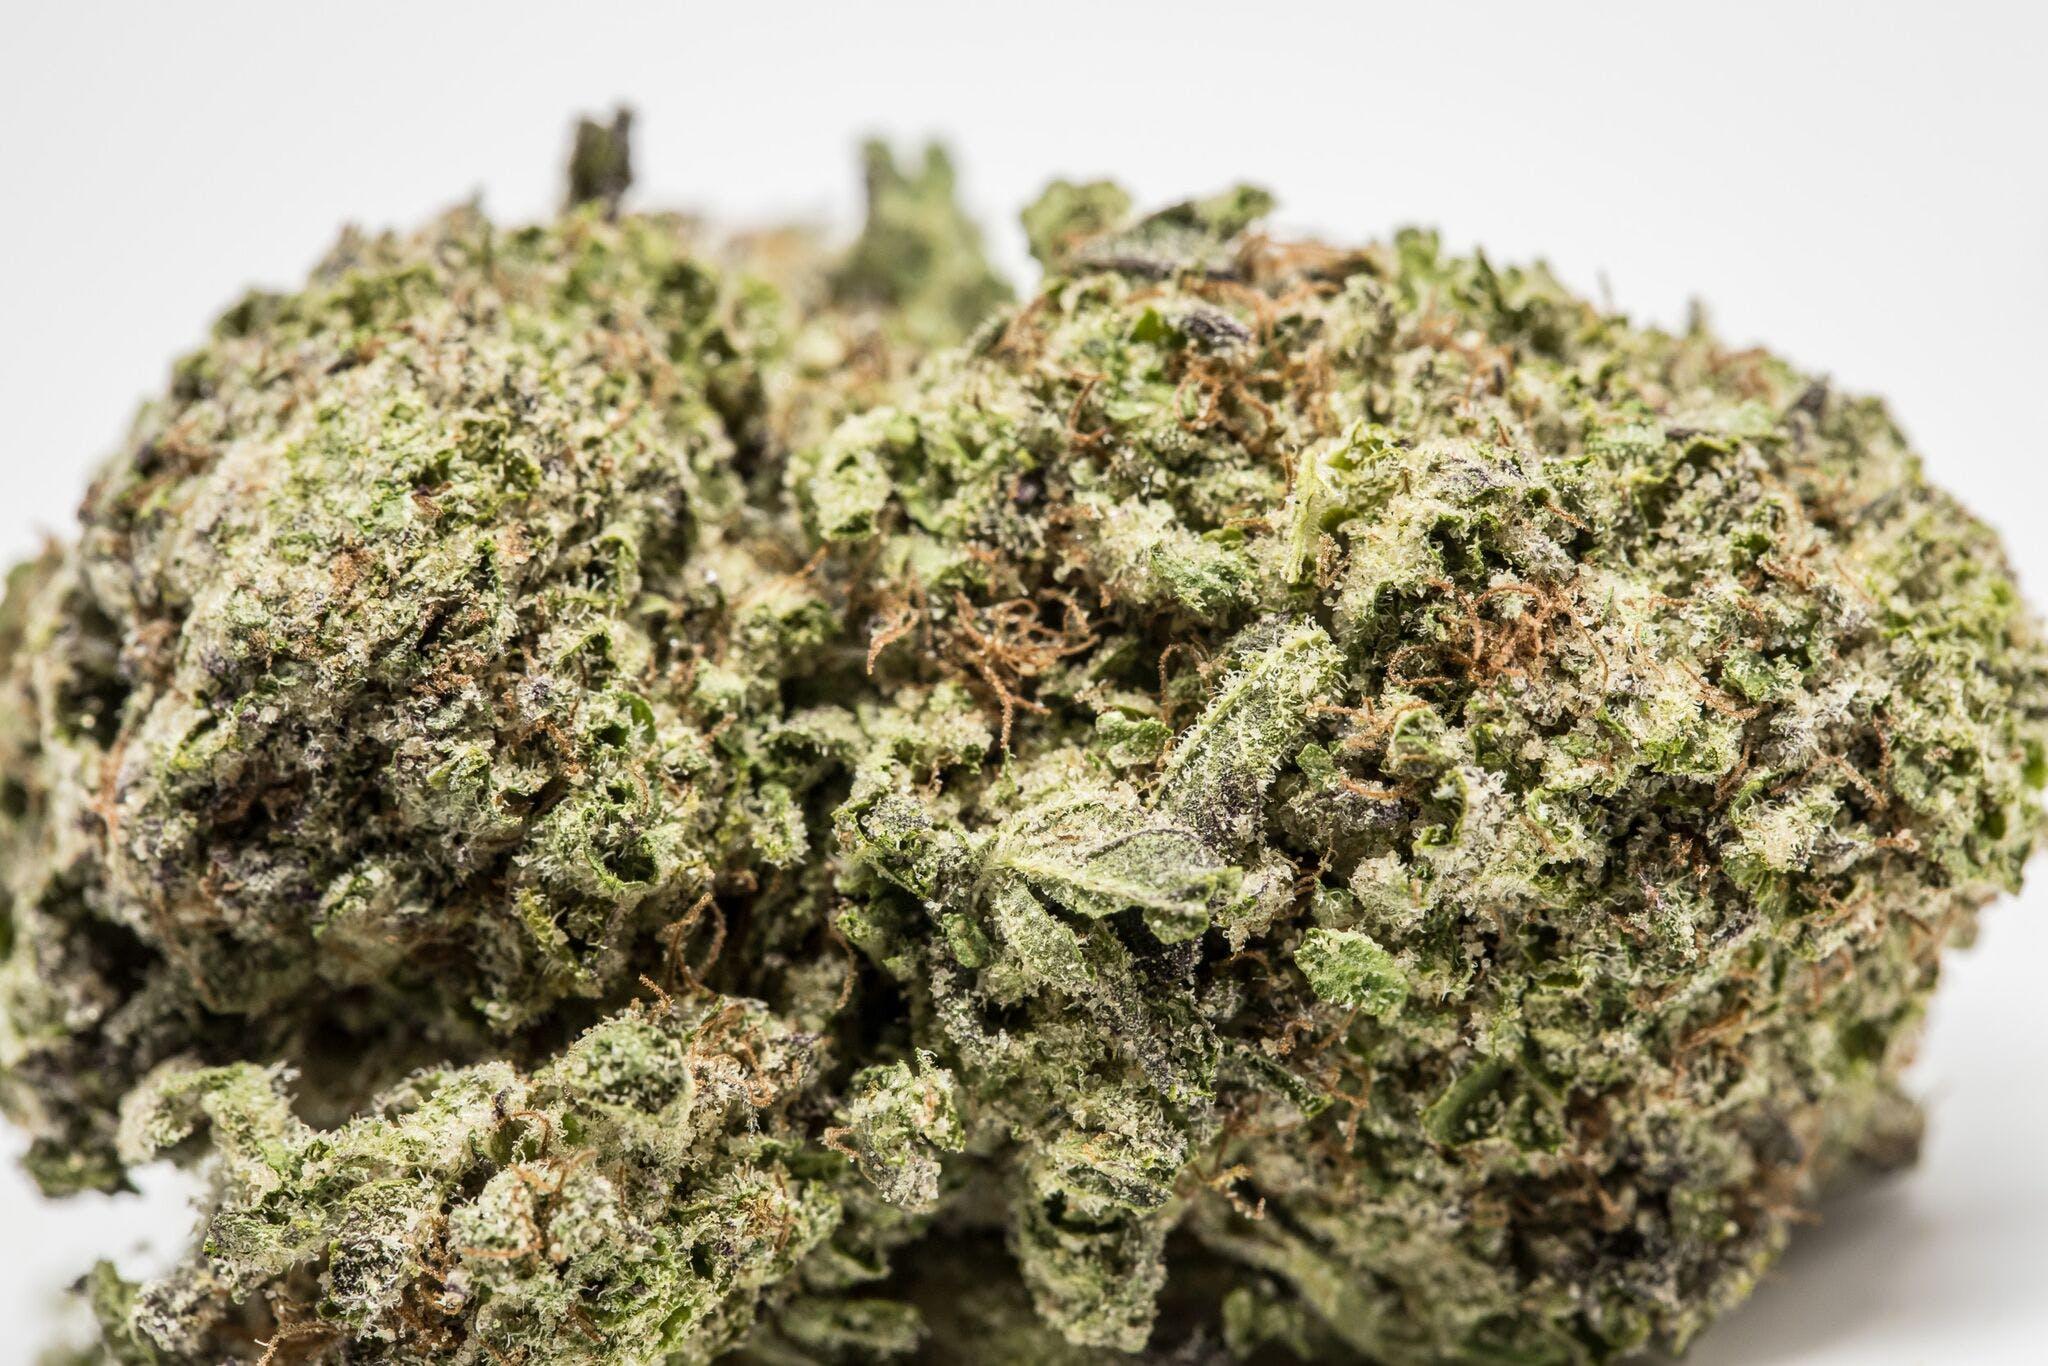 Lemon Cookies Weed; Lemon Cookies Cannabis Strain; Lemon Cookies Hybrid Marijuana Strain